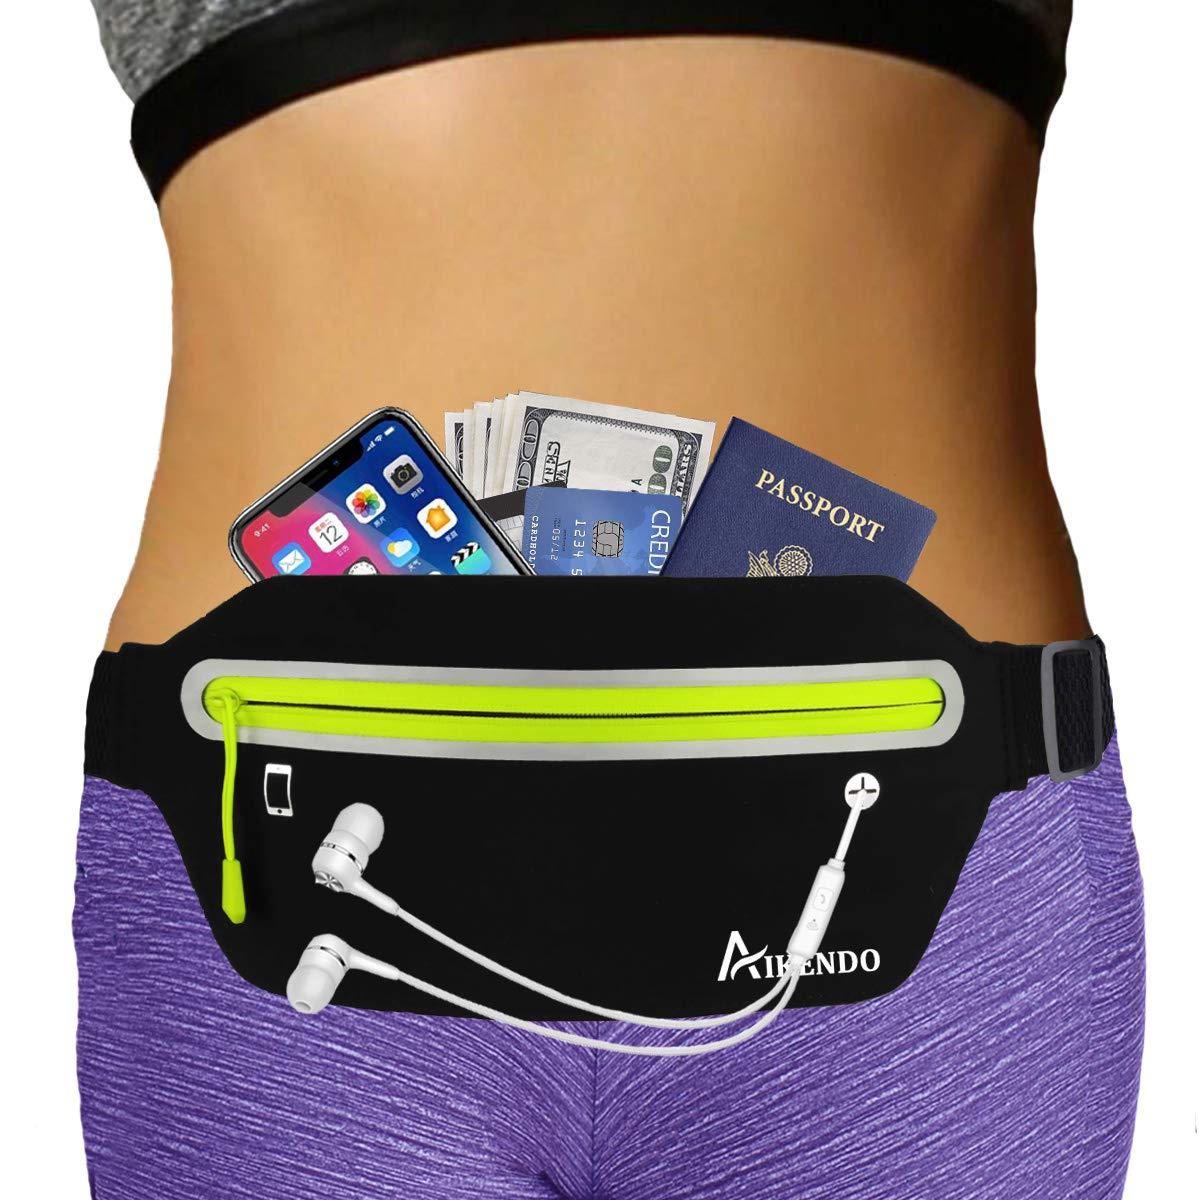 AIKENDO Slim Running Belt Fanny Pack,Fitness Workout Exercise Waist Bag Pack for iPhone X XR 7 8 Plus,Ultra Light Runners Belt Travel Money Belt for Men Women